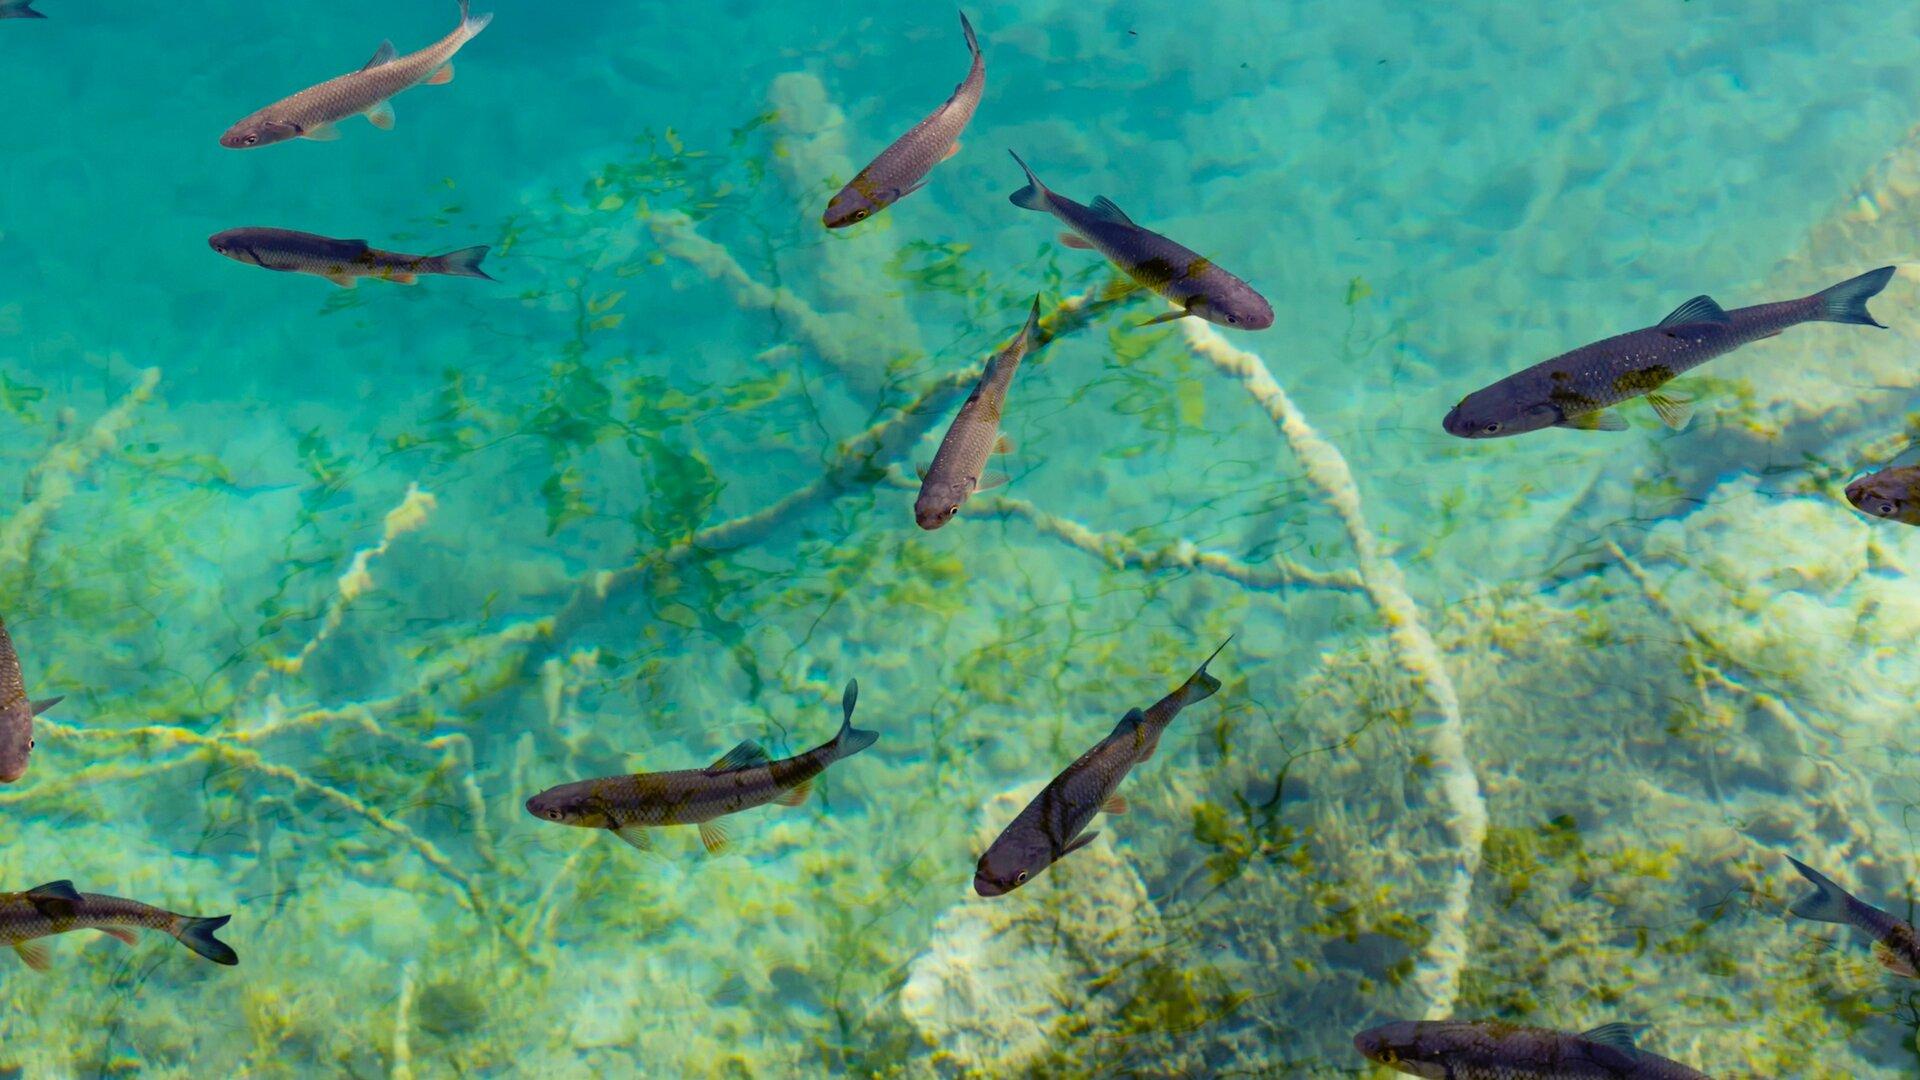 Ilustracja przedstawia ryby pływające wwodzie. Woda jest przejrzysta, widoczna jest wniej roślinność.